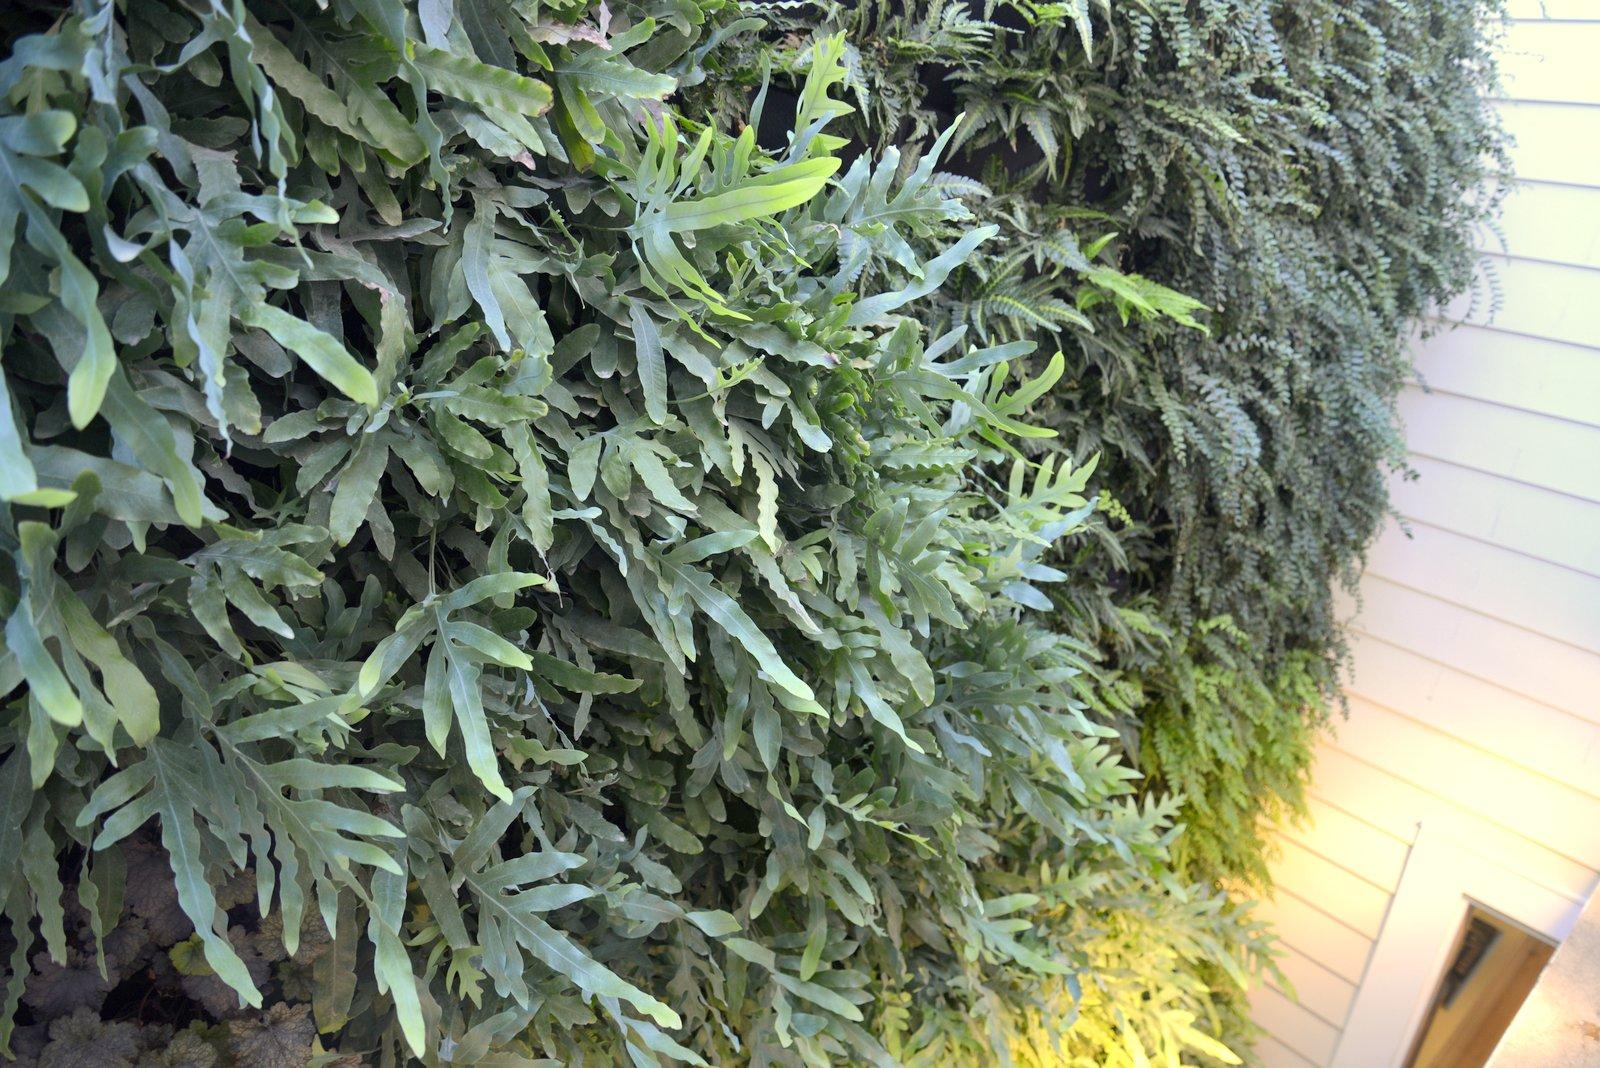 Florafelt-Vertical-Garden-Living-Wall-Belevedere-Street-06-_CJB3492.JPG